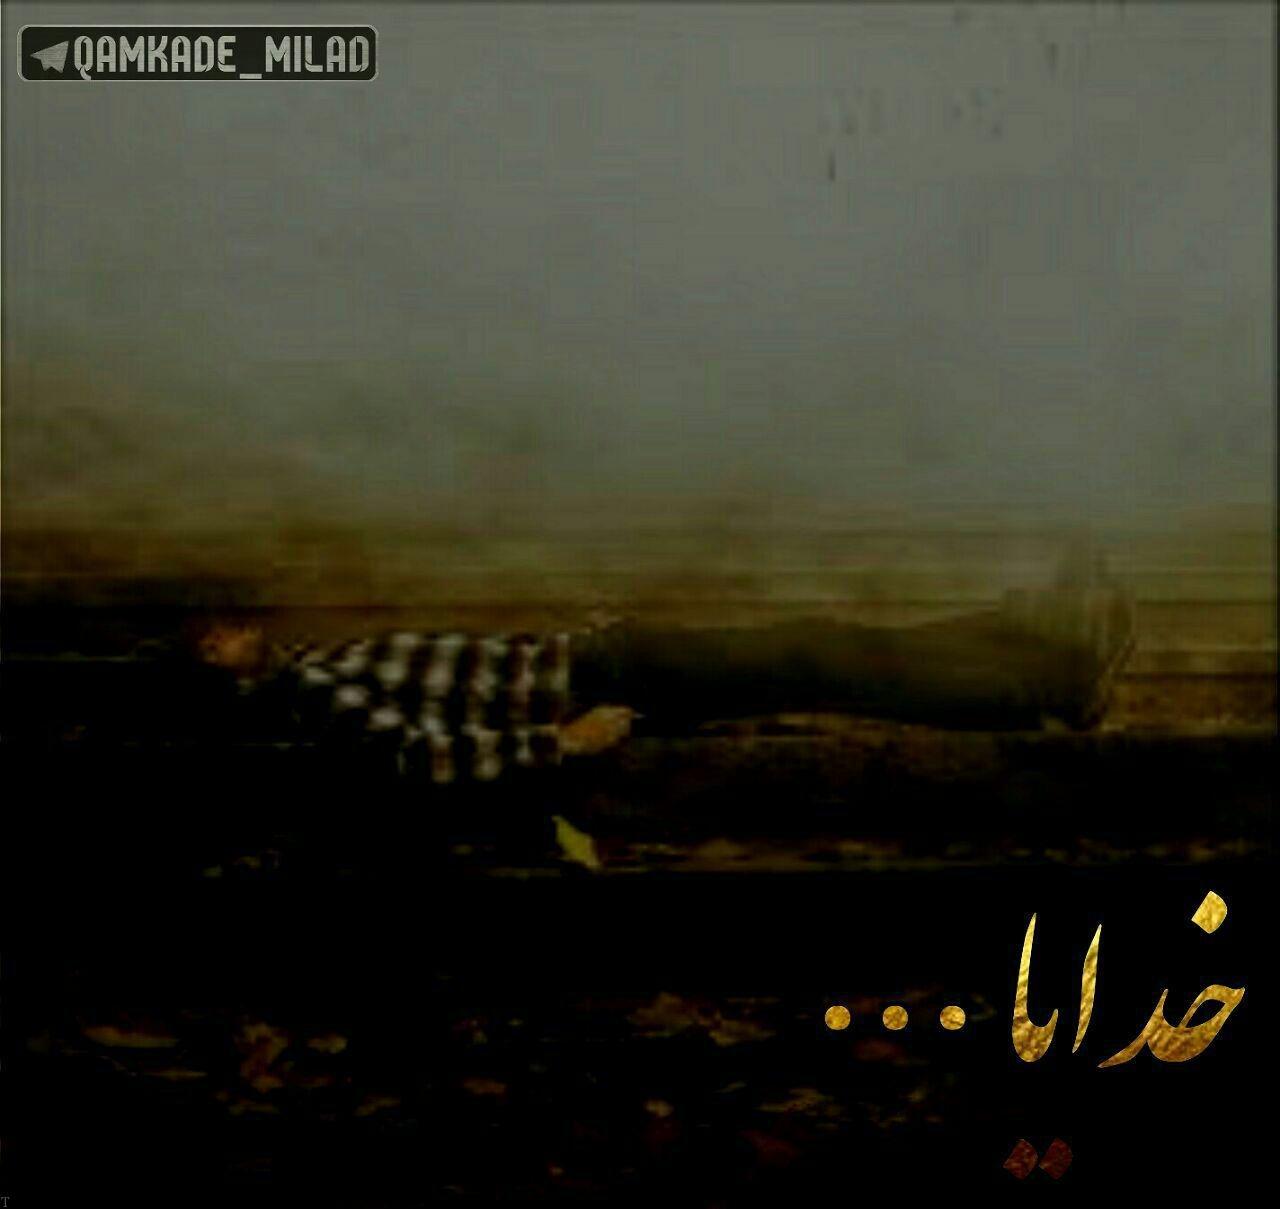 دلنوشته های عاشقانه غمگین برای اینستاگرام